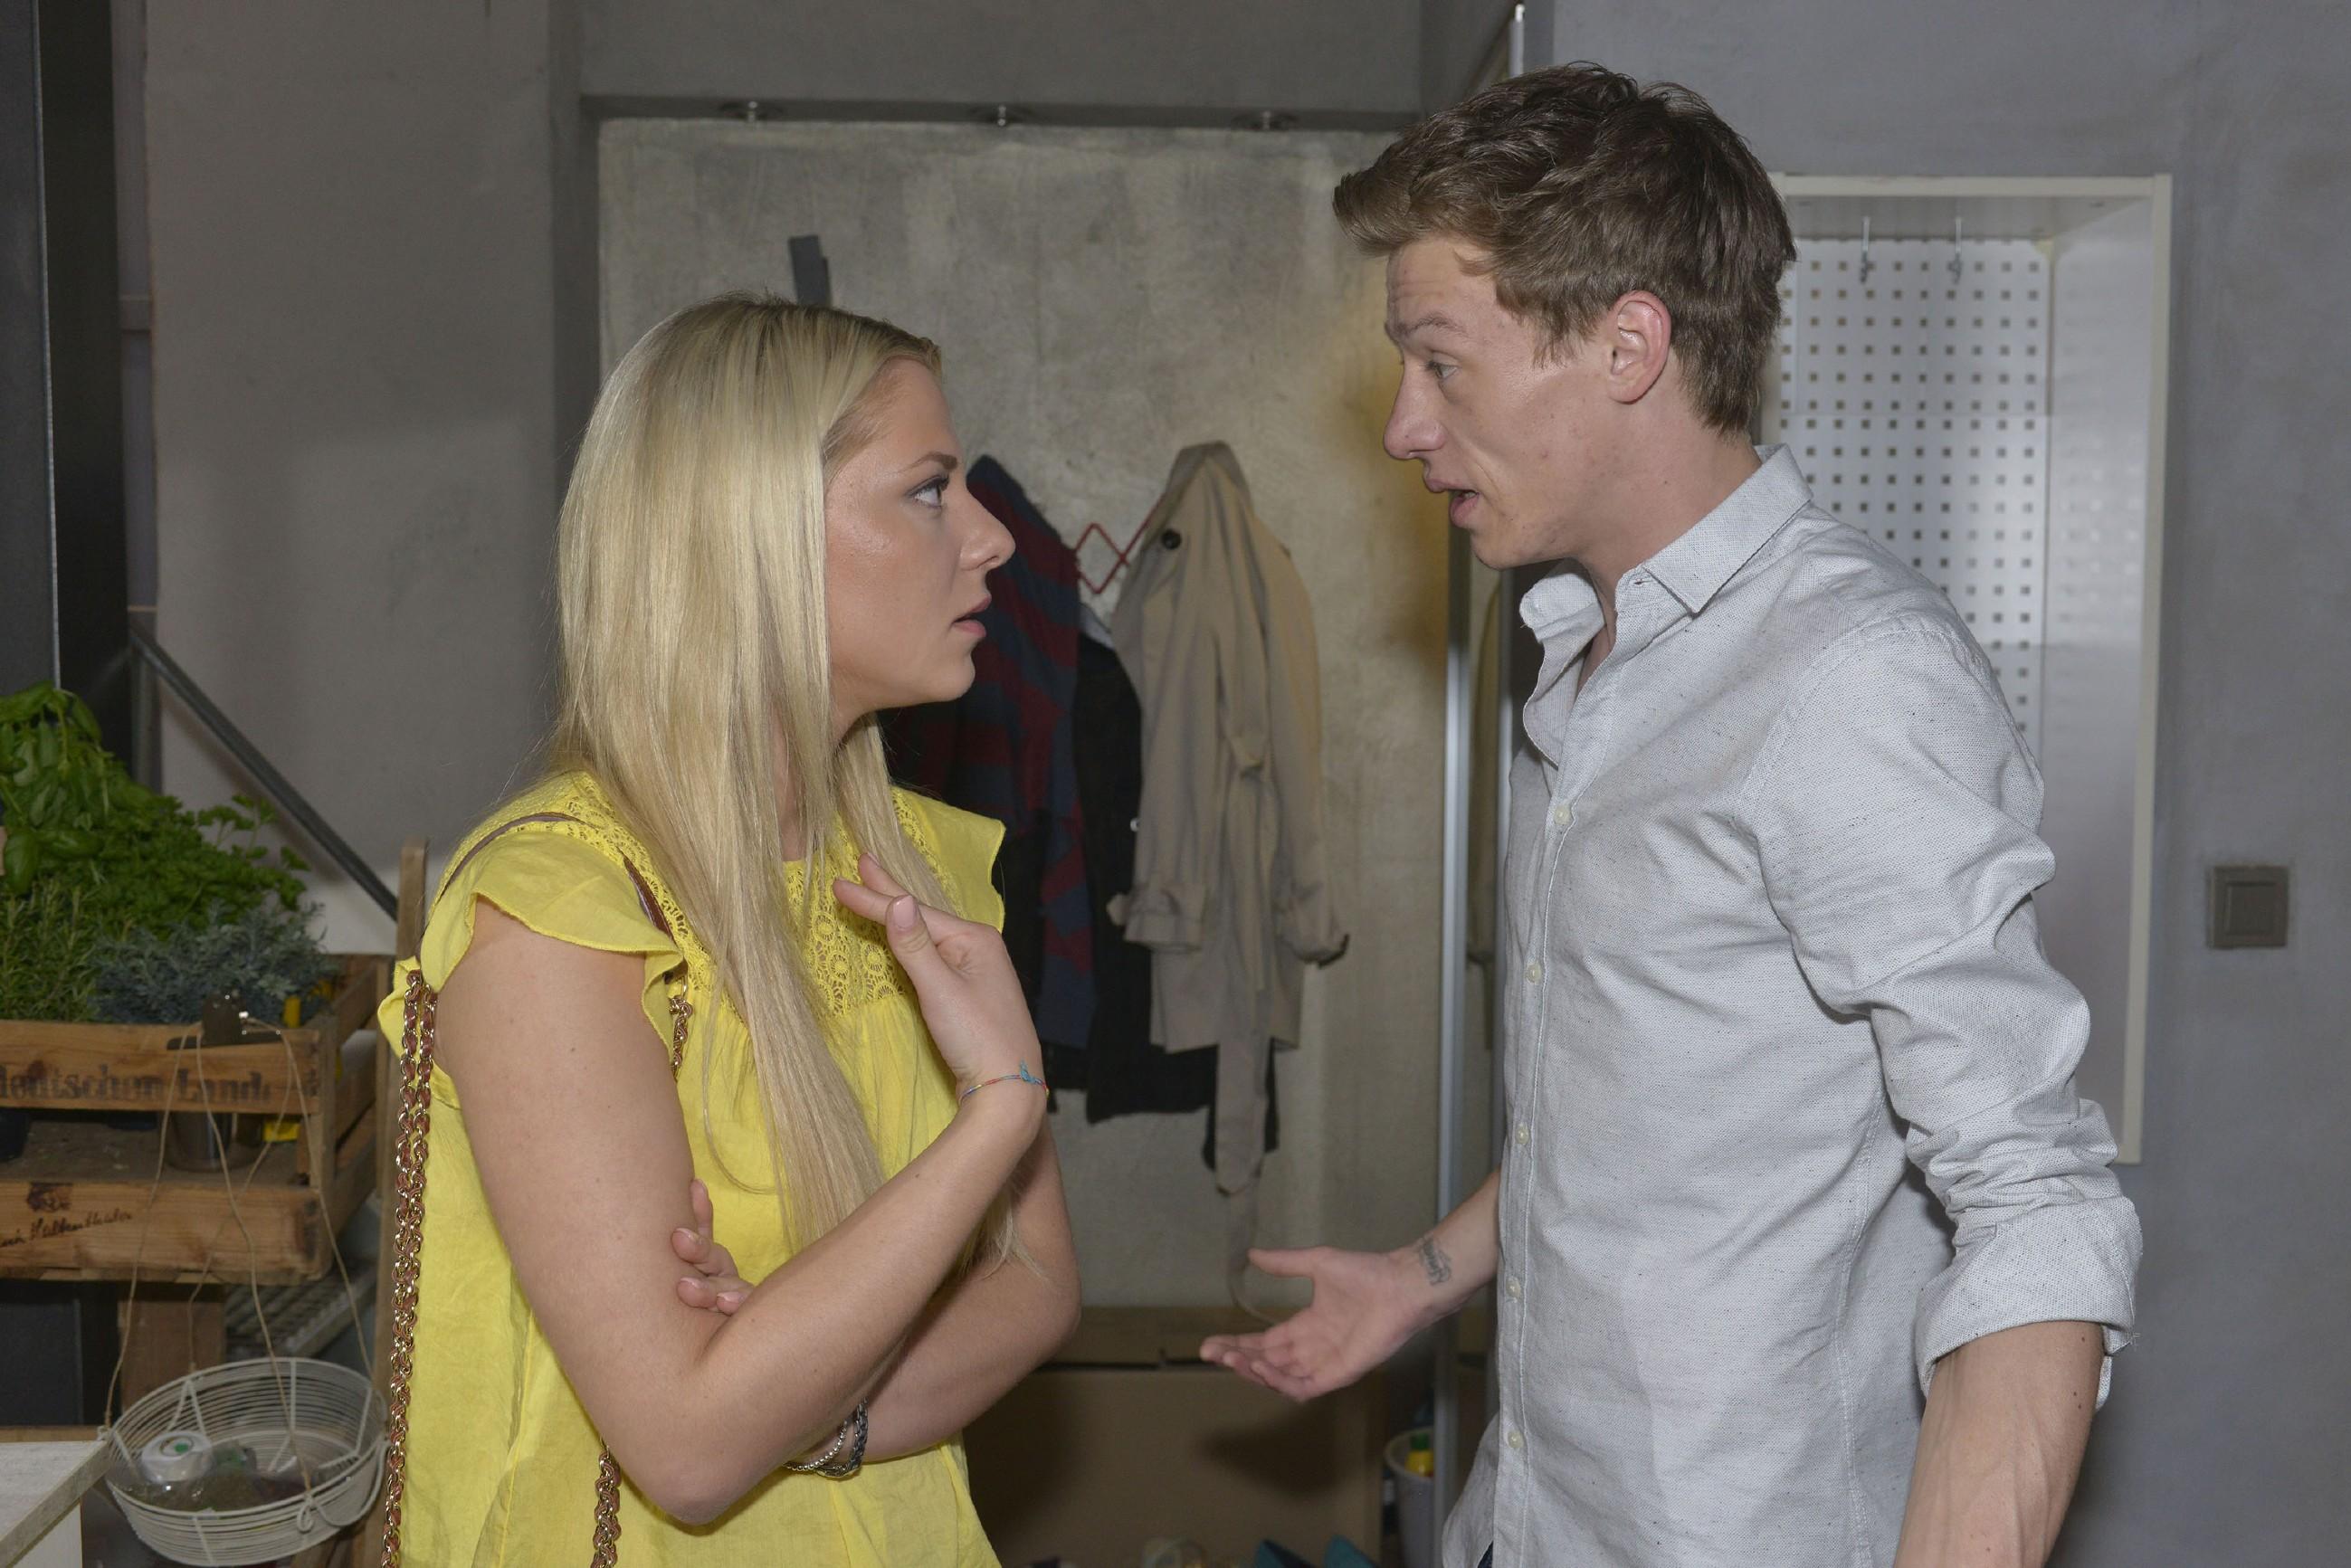 Als Vince (Vincent Krüger) Sunny (Valentina Pahde) hoffnungsvoll fragt, ob sie nach seiner Therapie noch eine Chance haben, ringt sich Sunny schweren Herzens zu einem Entschluss durch... (Quelle: RTL / Rolf Baumgartner)